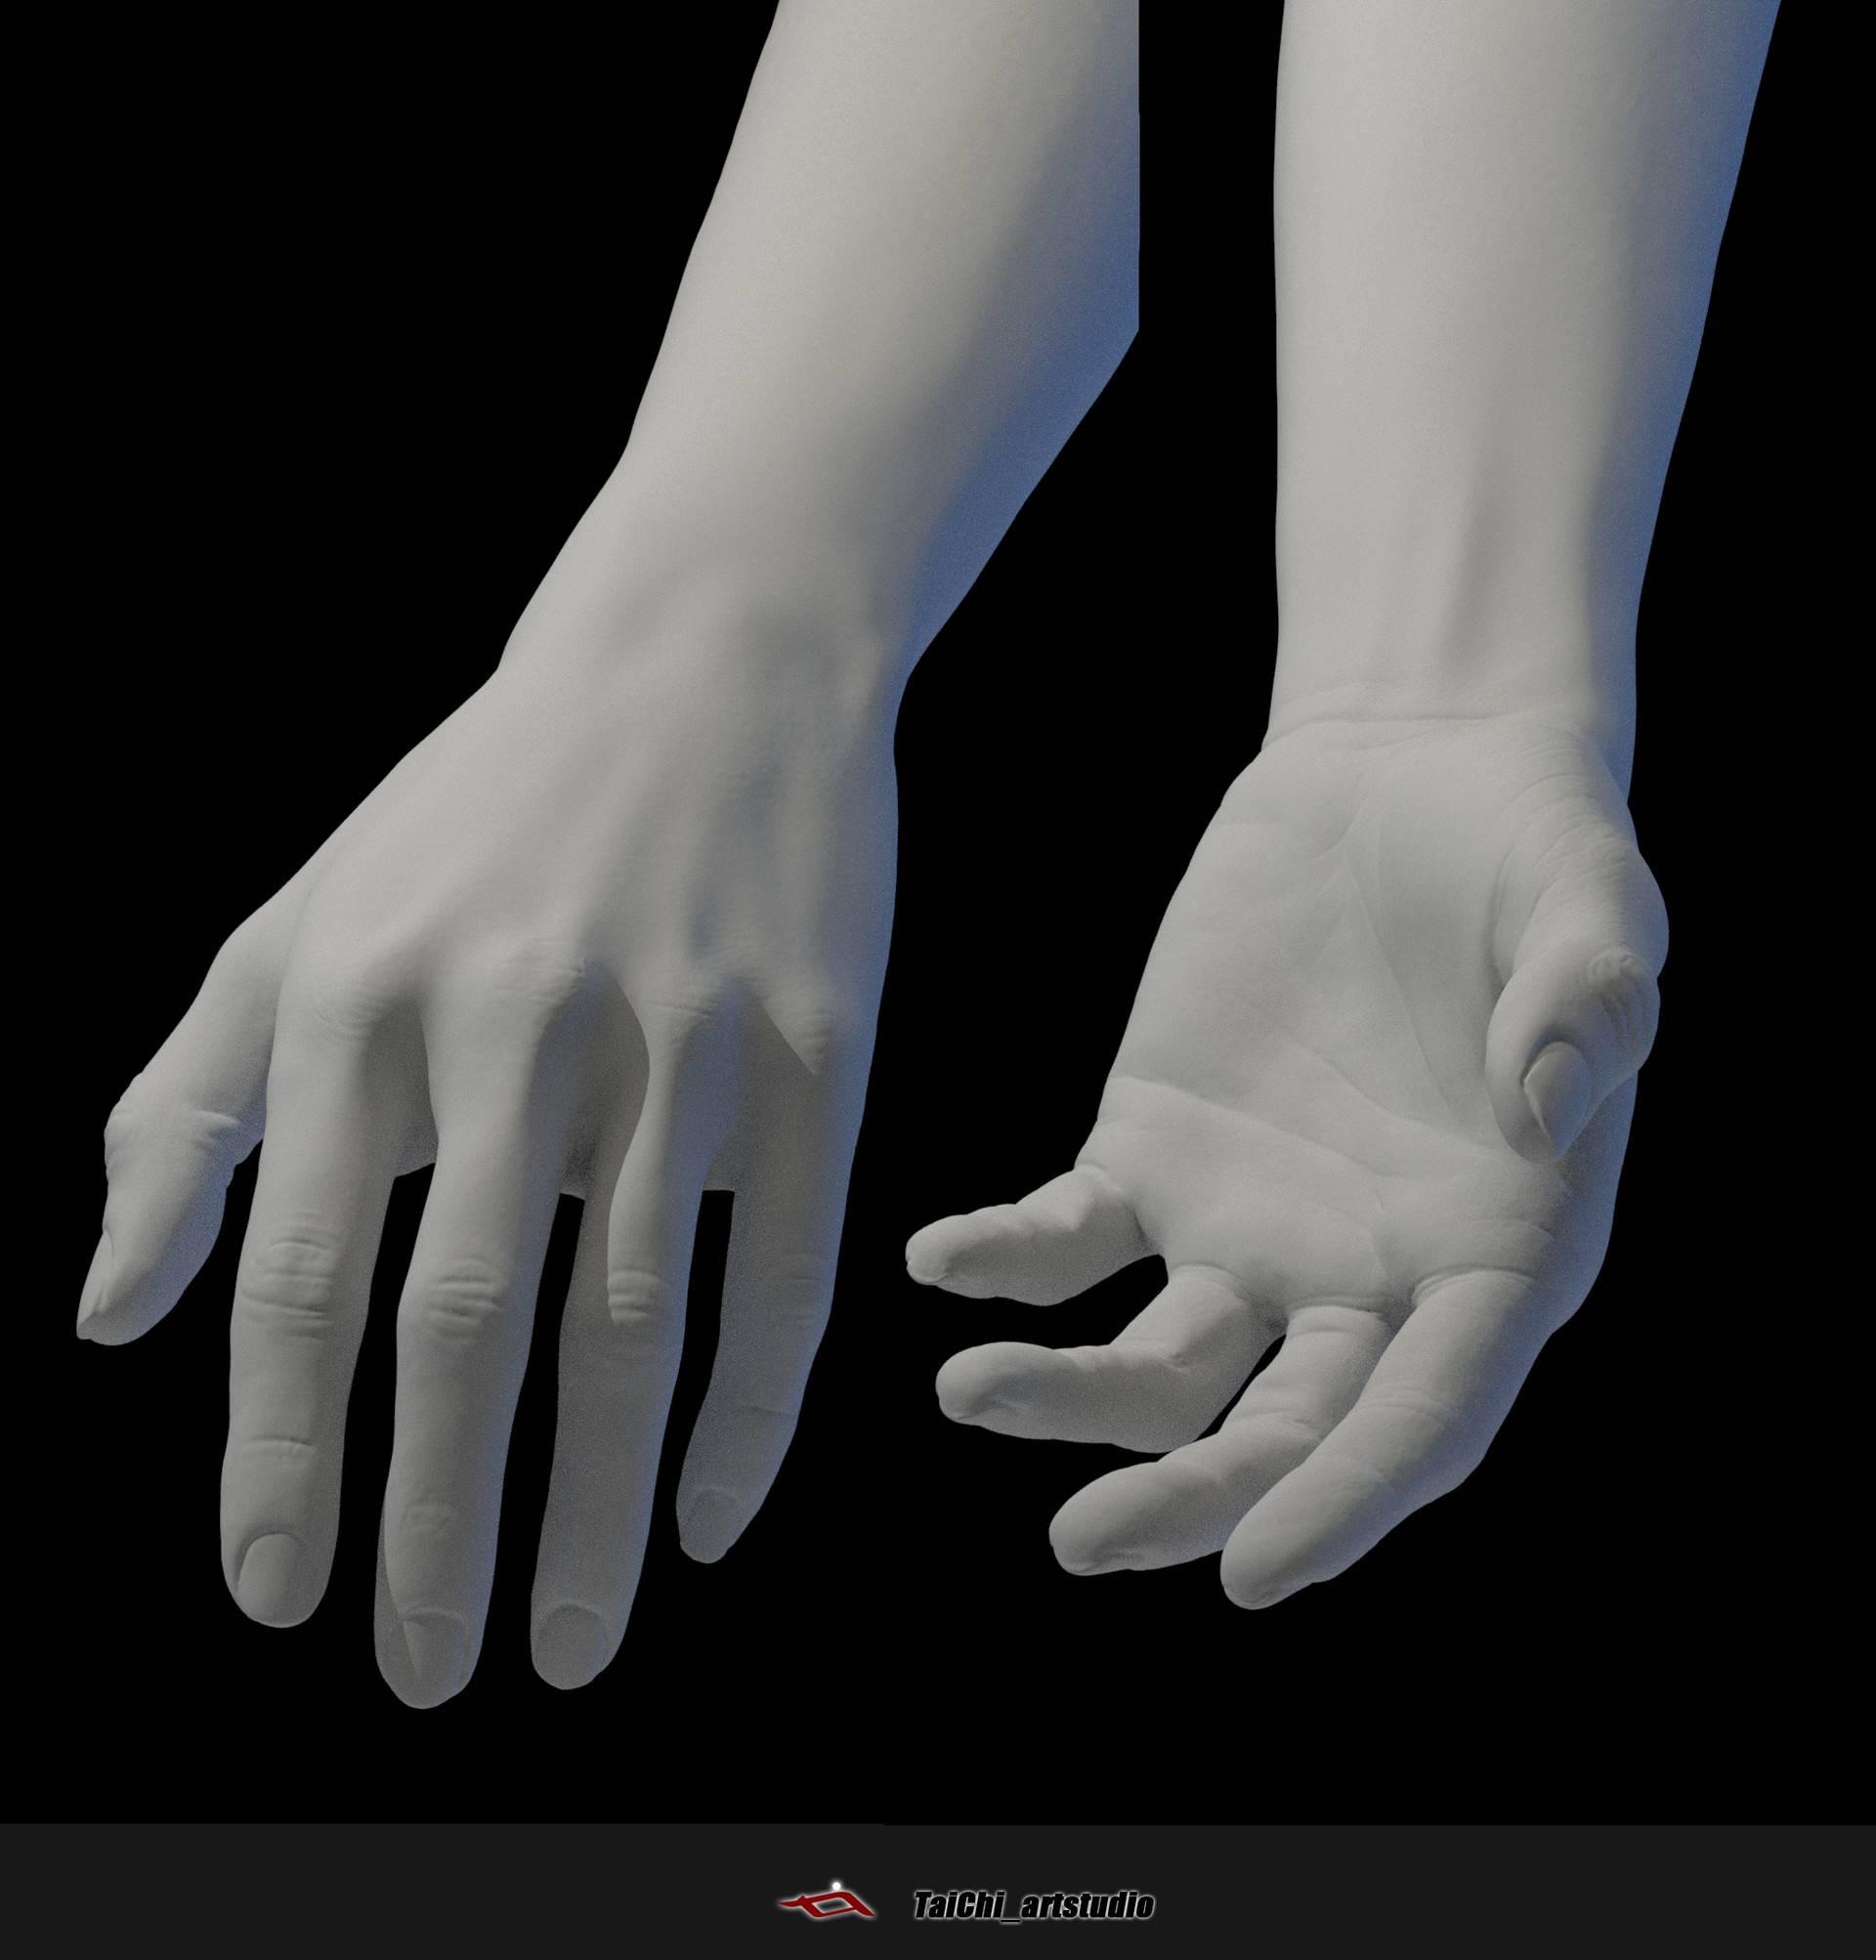 非常不错的人体分面图,美术练习的好东西! - R站|学习使我快乐! - 25